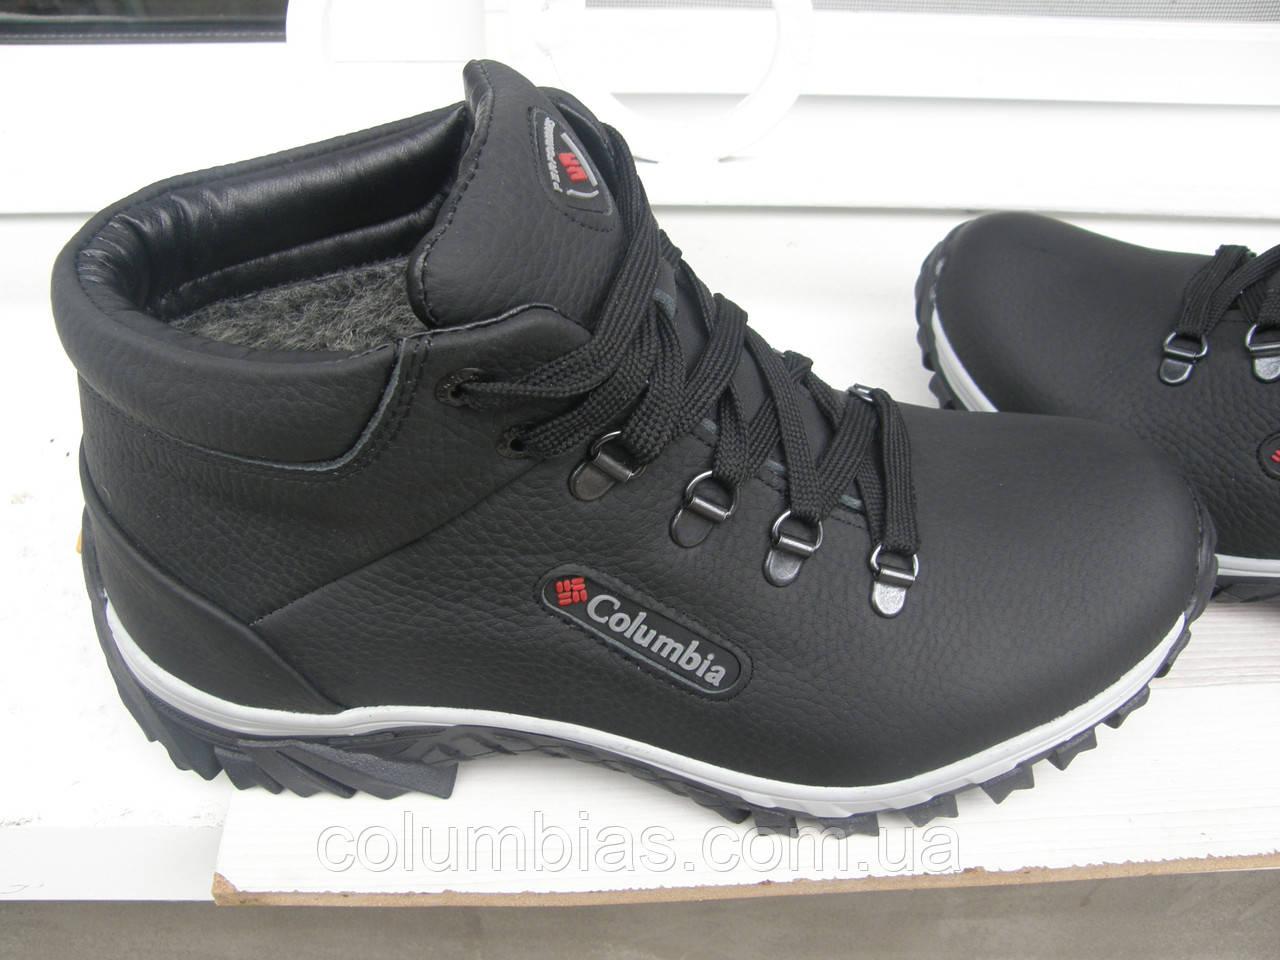 Ботинки Зимние Columbiaа Н8. — в Категории